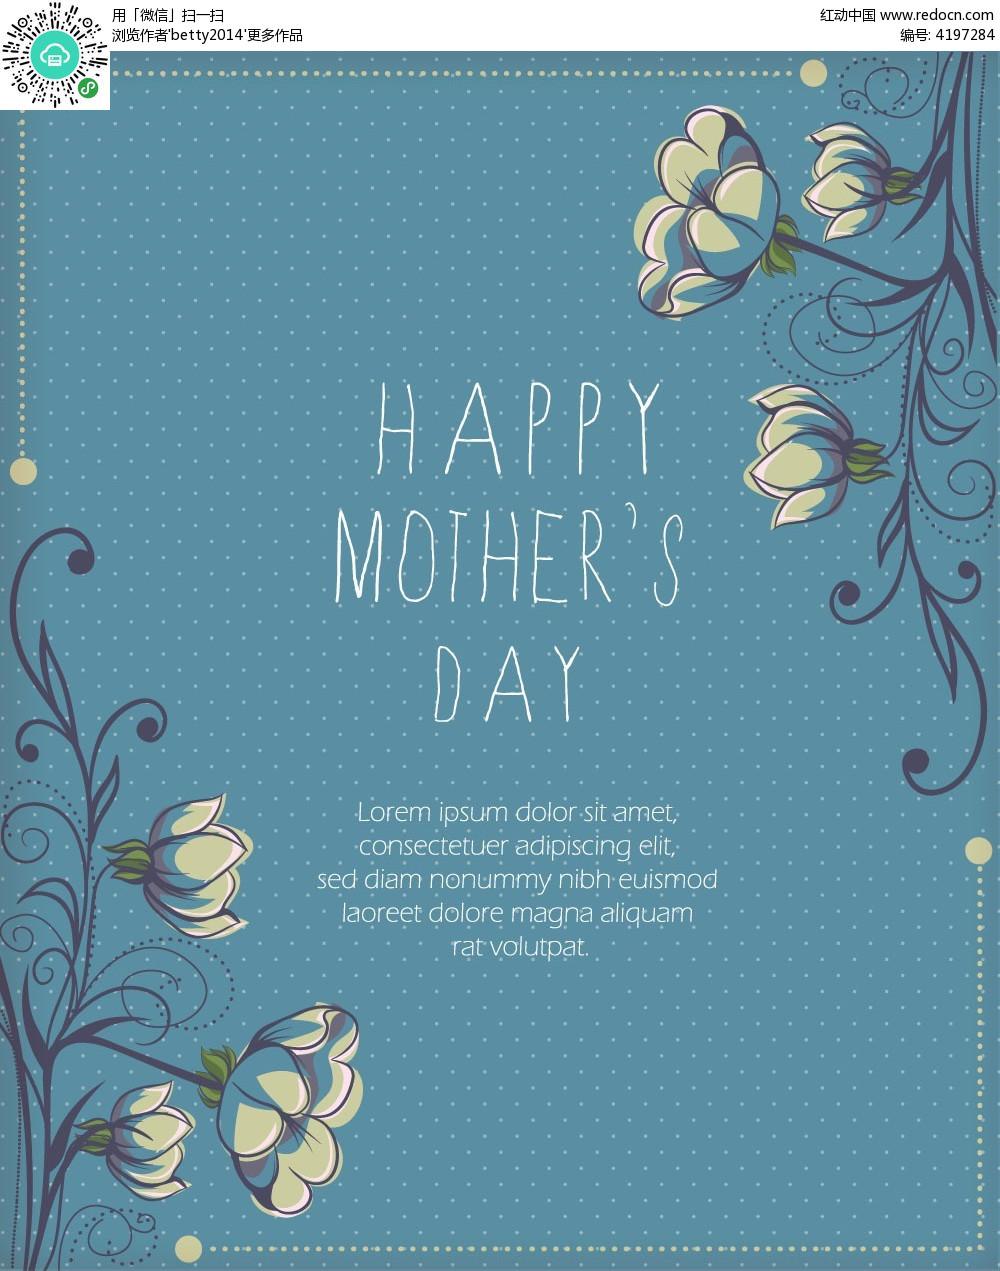 粉蓝色背景�_粉蓝色花纹边框背景母亲节卡片